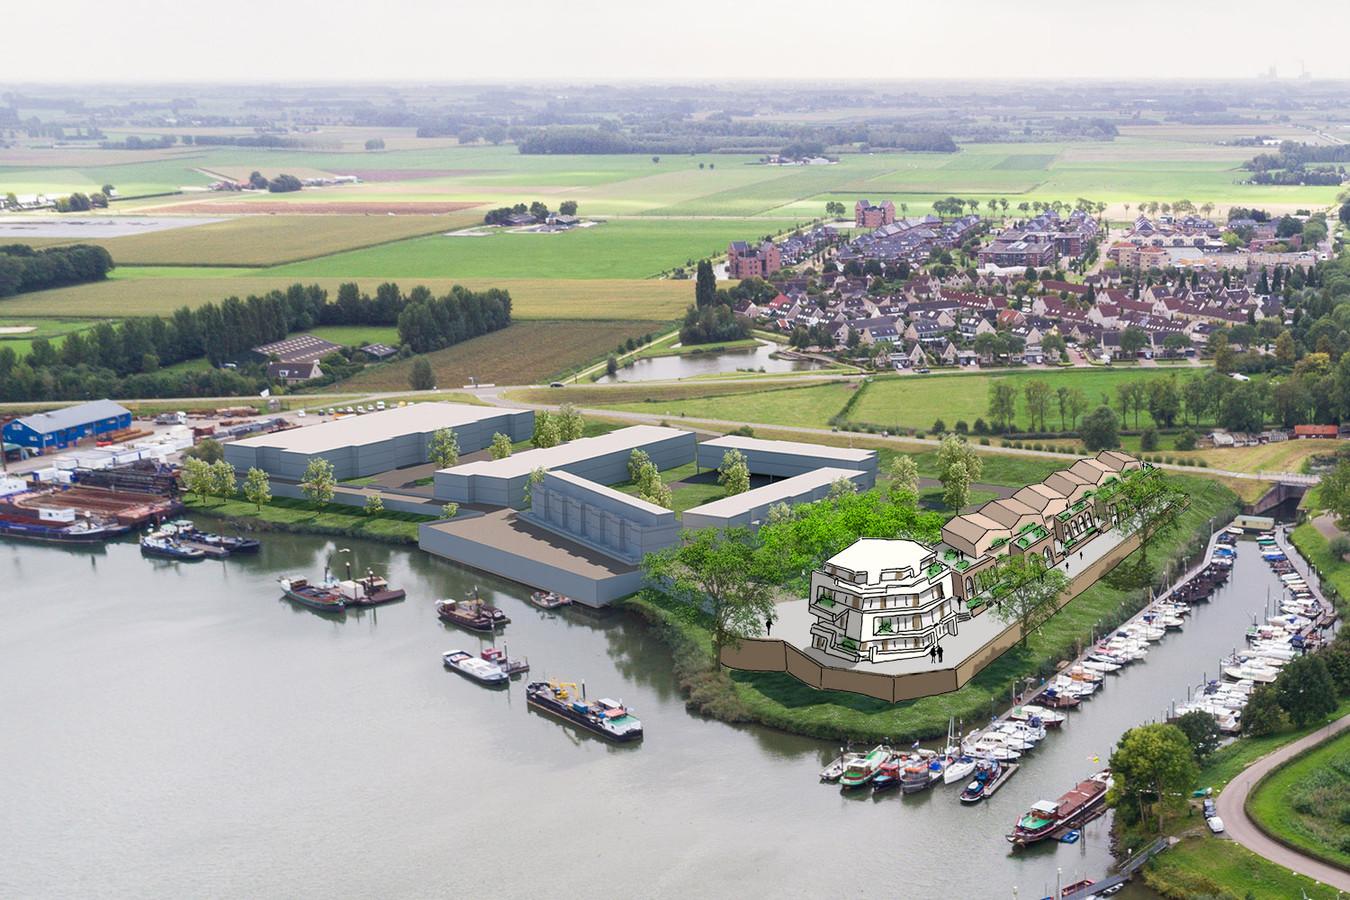 Een impressie van het plan een de Hoge Maasdijk in Woudrichem. Er komen honderd woningen. Honderden potentiële huurders en kopers staan in de rij, tegelijkertijd is er ook veel kritiek op het plan, mede omdat de wijk het beeld van de Nieuwe Hollandse Waterlinie zou verpesten.